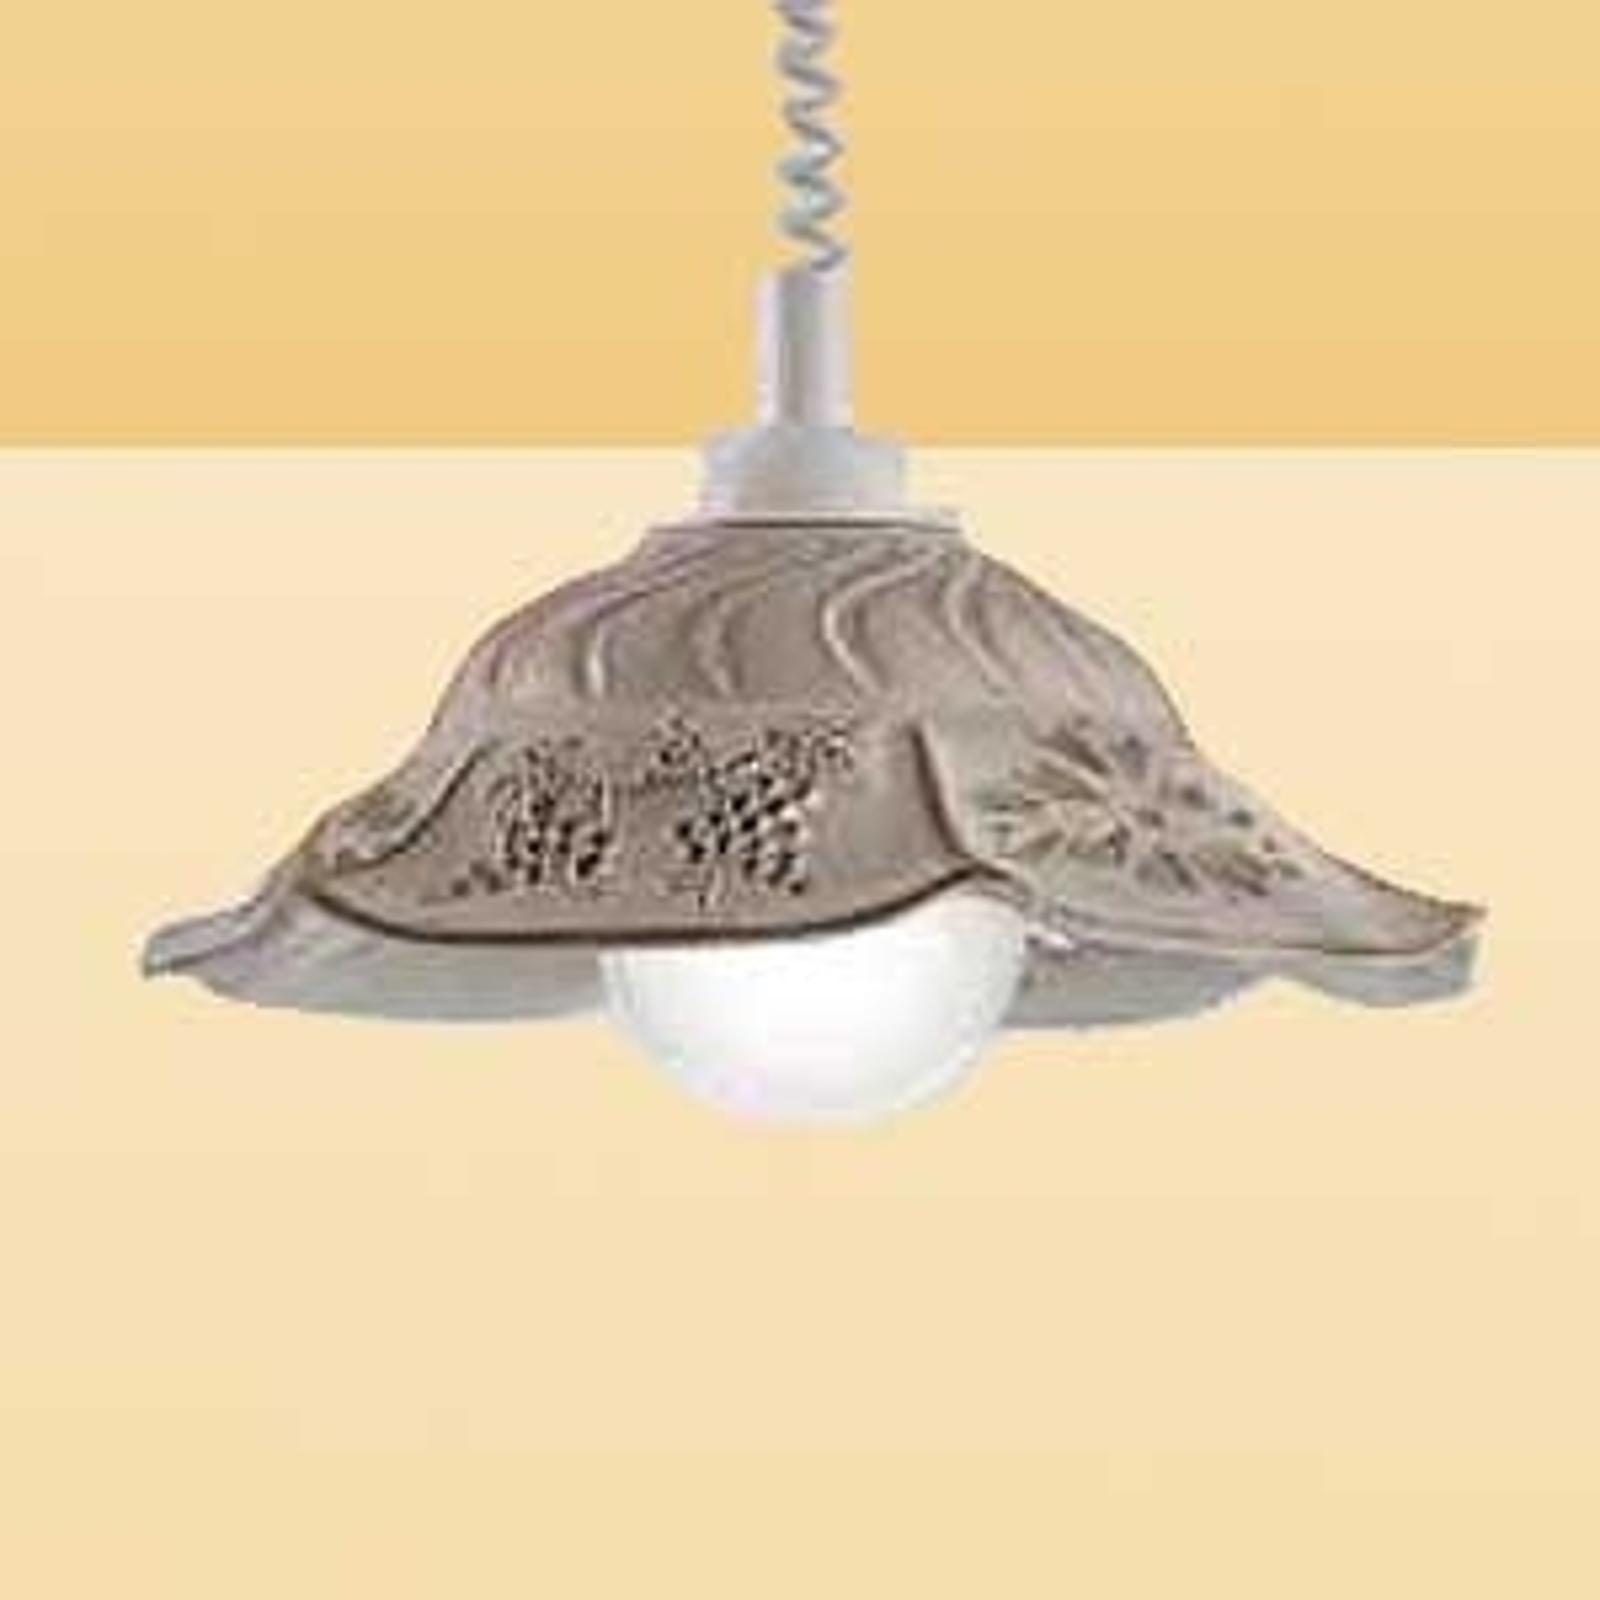 Hængelampe VITELA med rustik udstråling